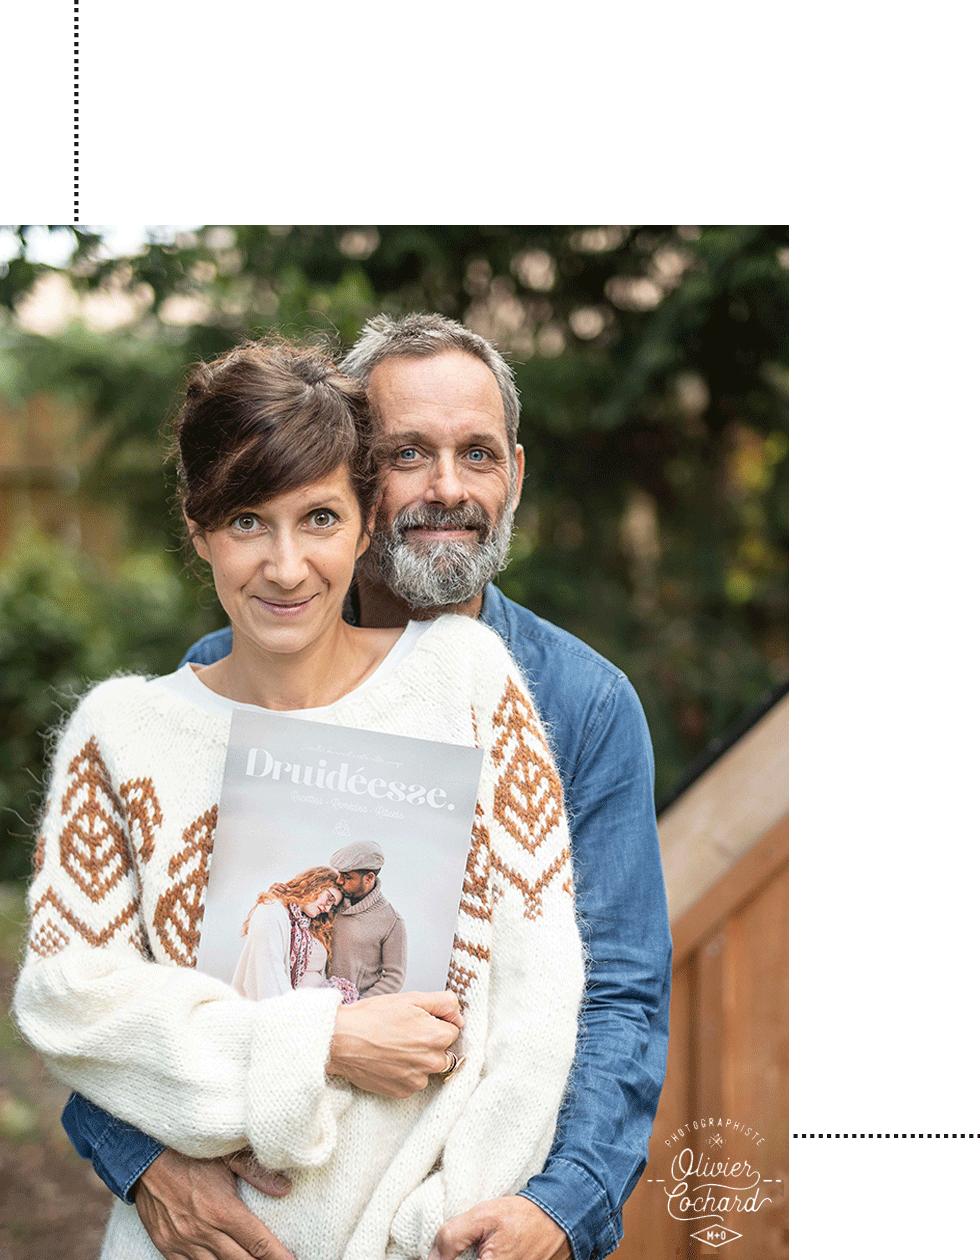 Marie et Olivier Cochard, fondateurs de Druideesse - Photo Olivier Cochard pour les Audacieux